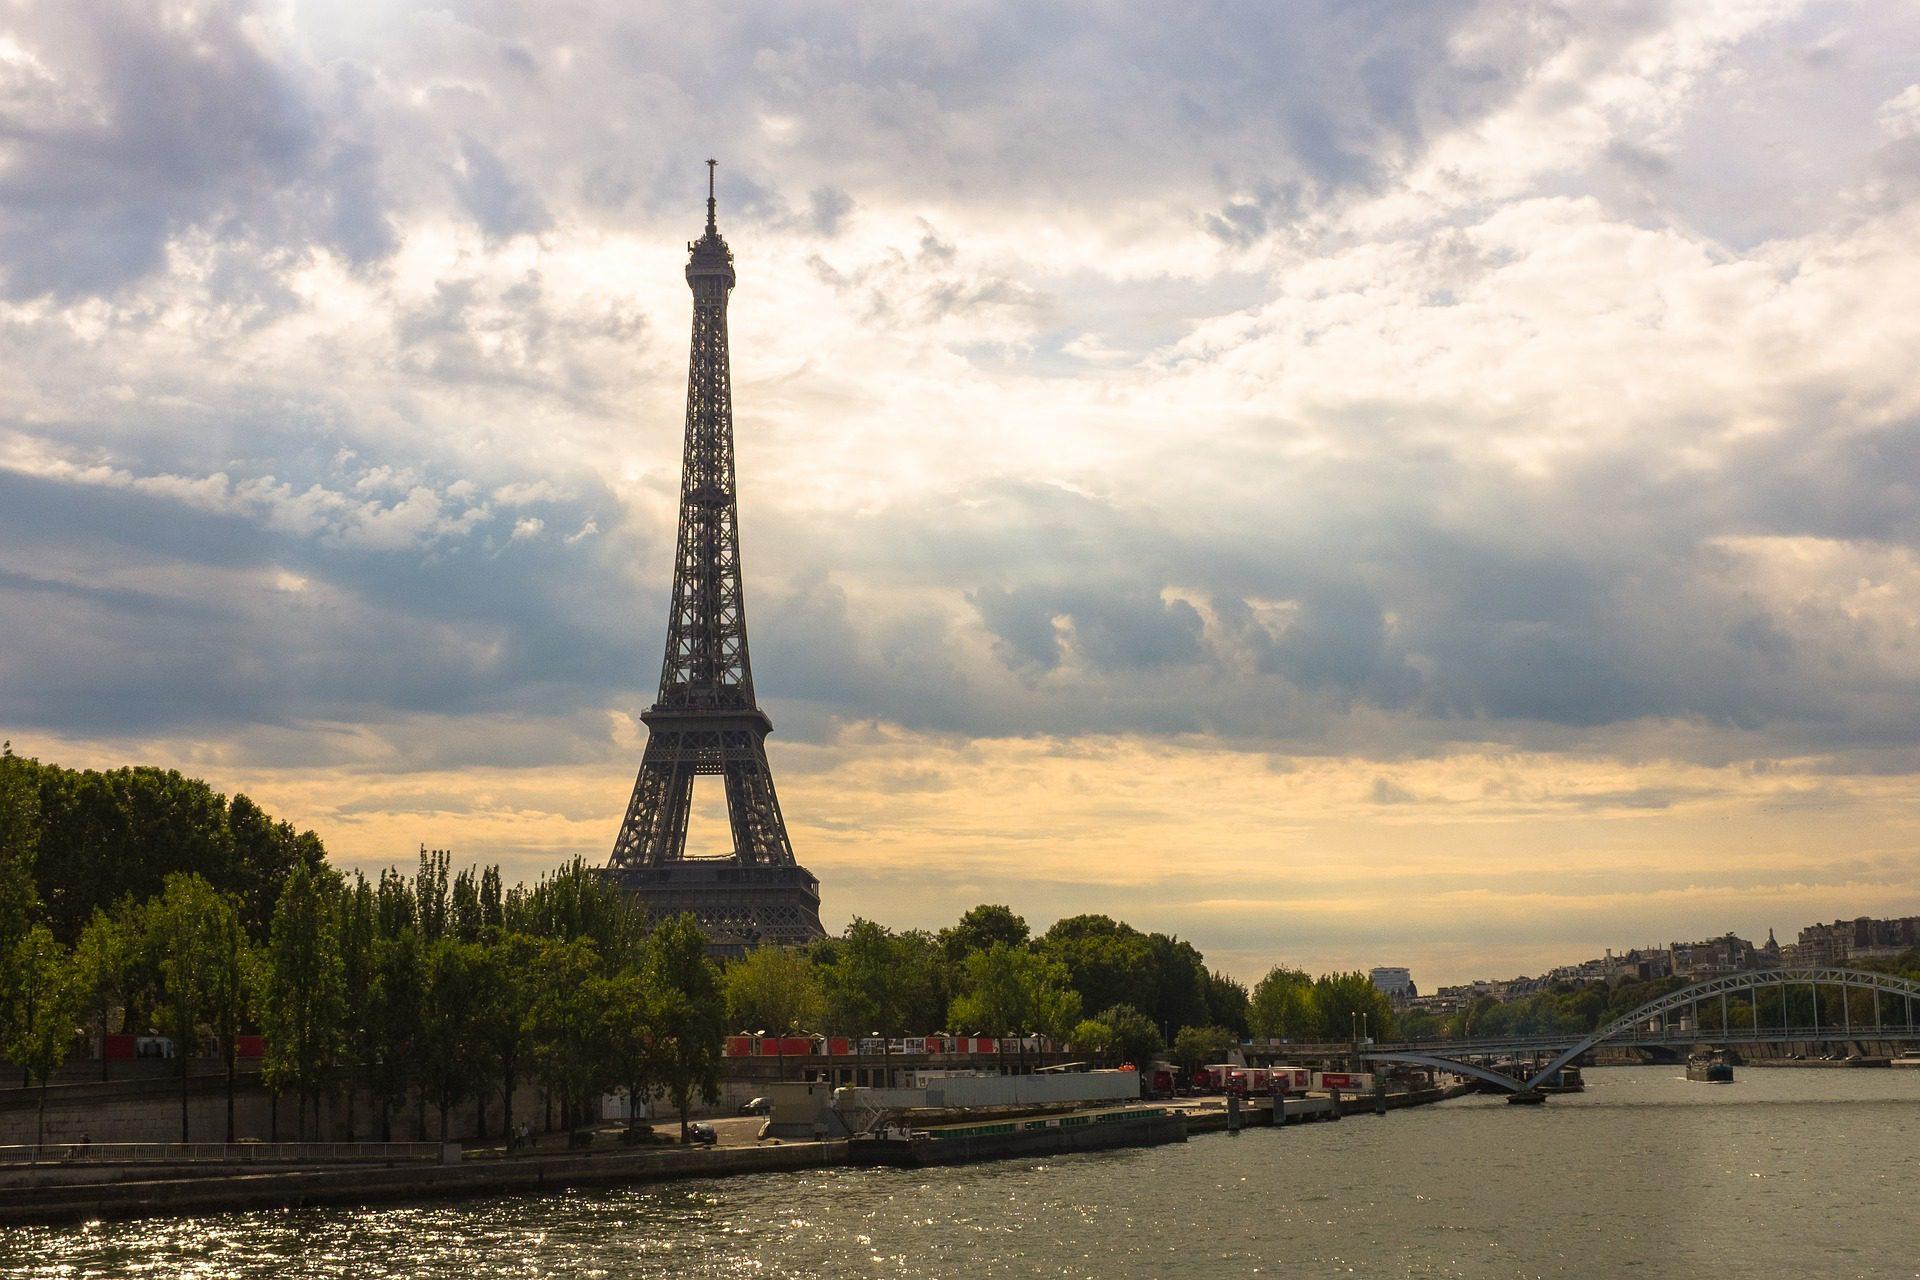 Les plus belles destinations voyages gay d'Europe